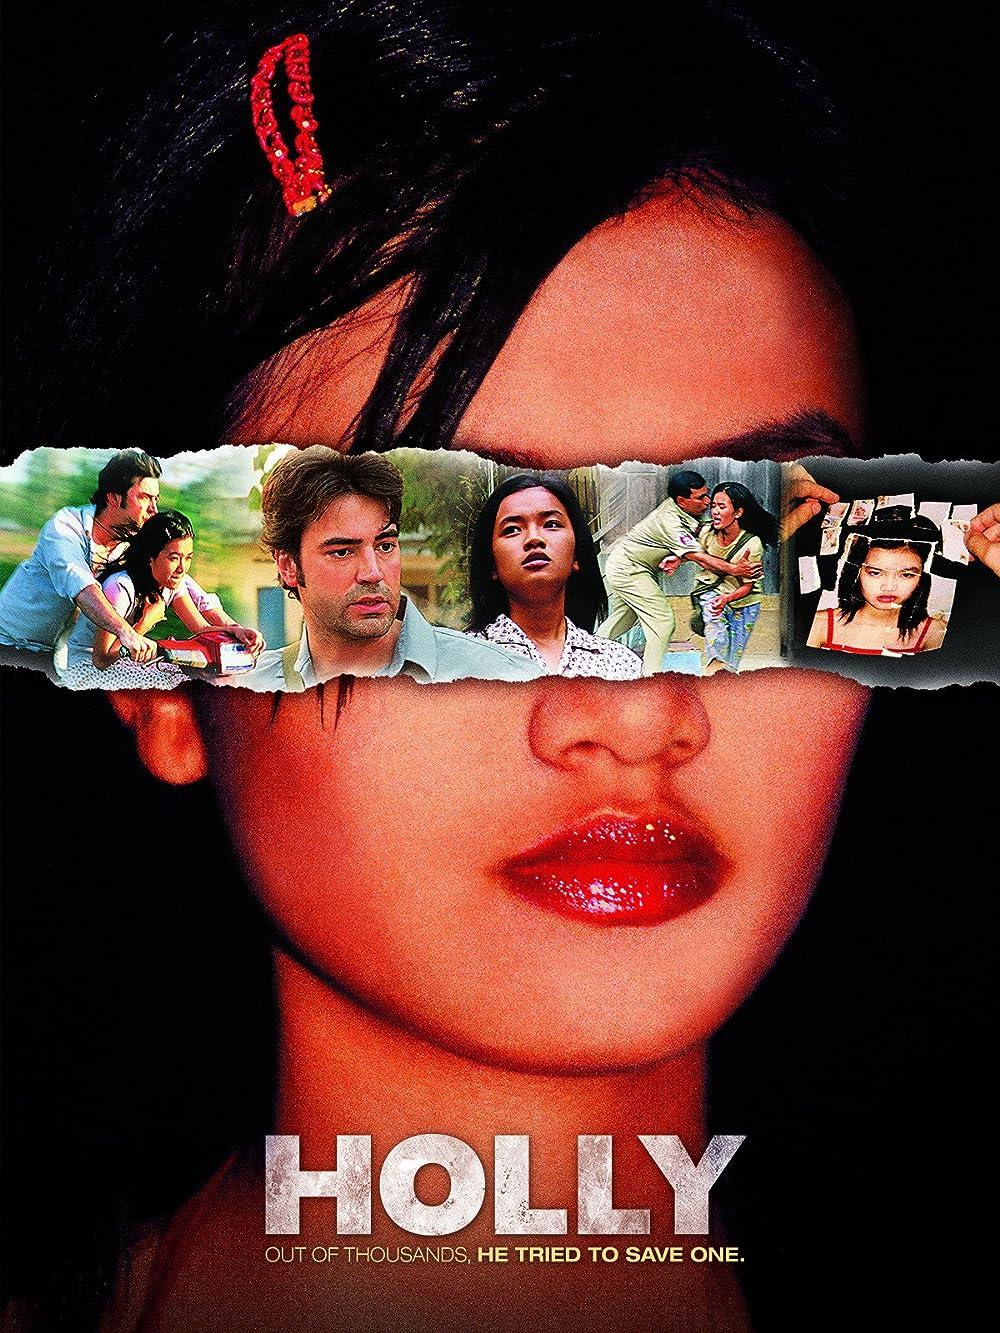 Holly IMDb Amazon Image One